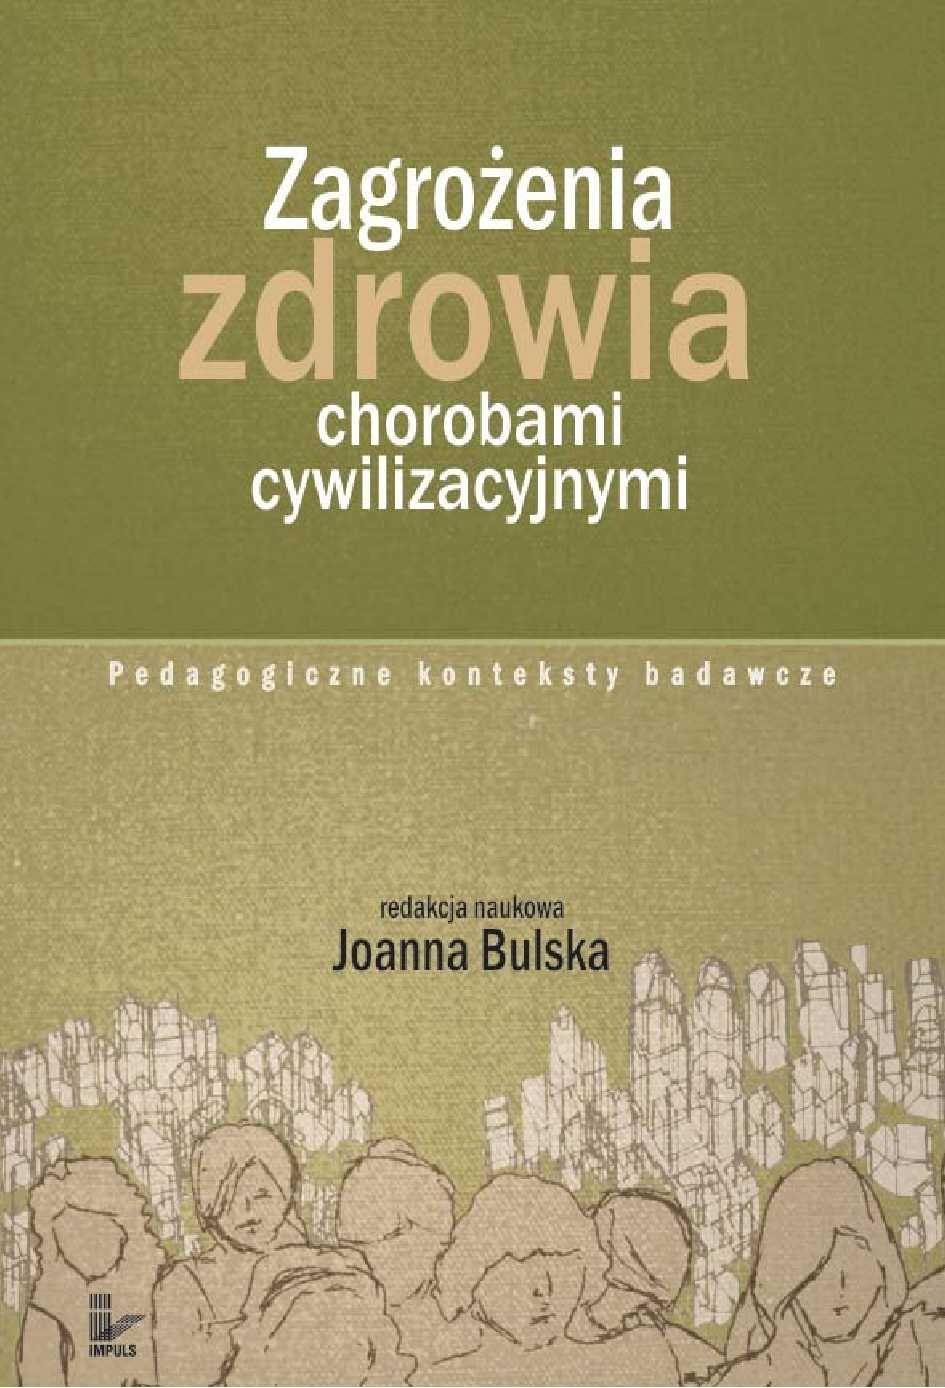 Zagrożenia zdrowia chorobami cywilizacyjnymi - Ebook (Książka PDF) do pobrania w formacie PDF